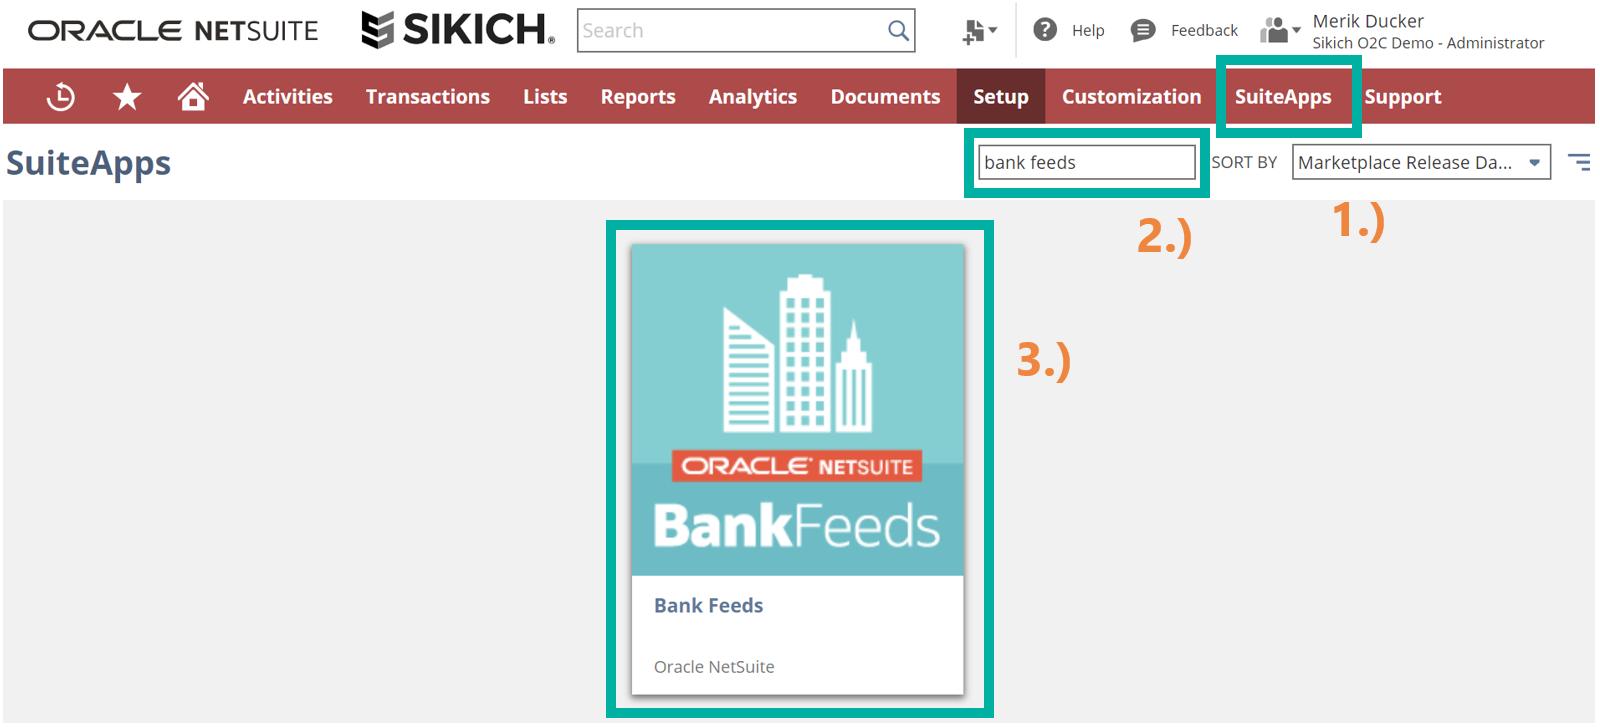 Bank Feeds SuiteApp in SuiteApp Marketplace